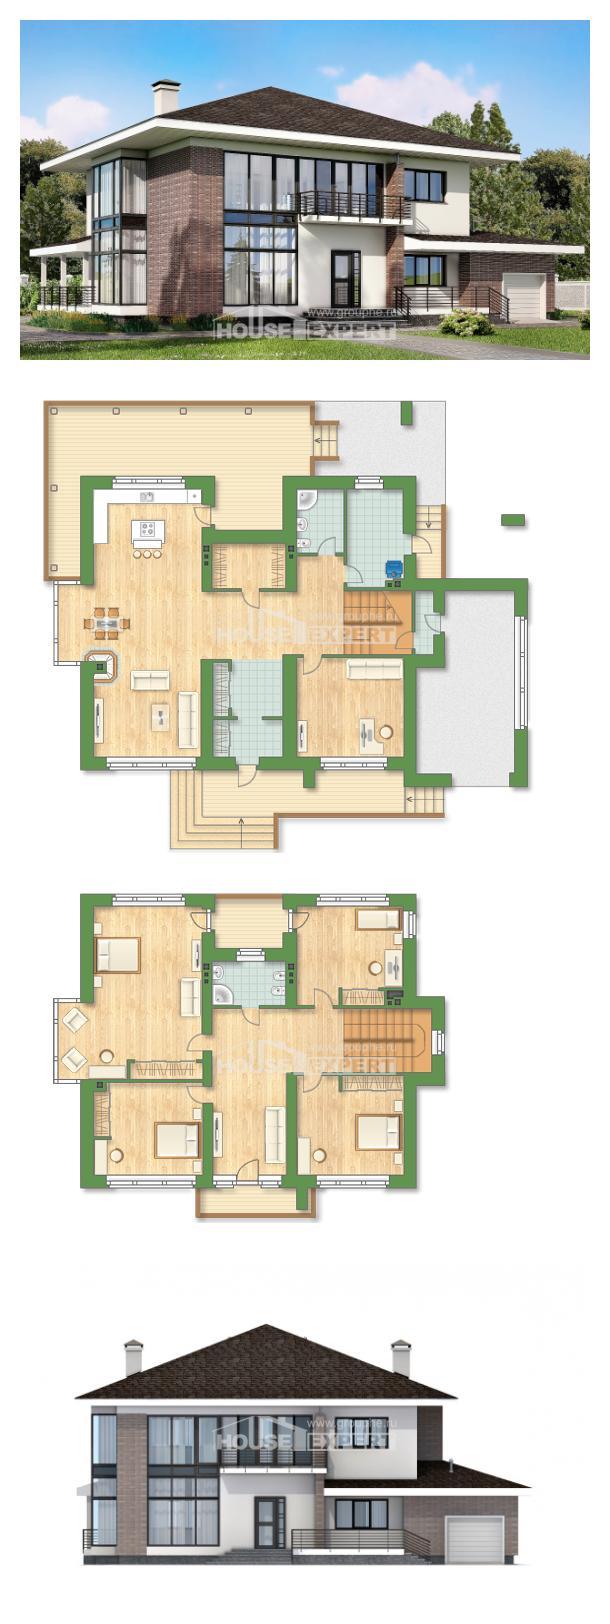 Proyecto de casa 275-002-R | House Expert